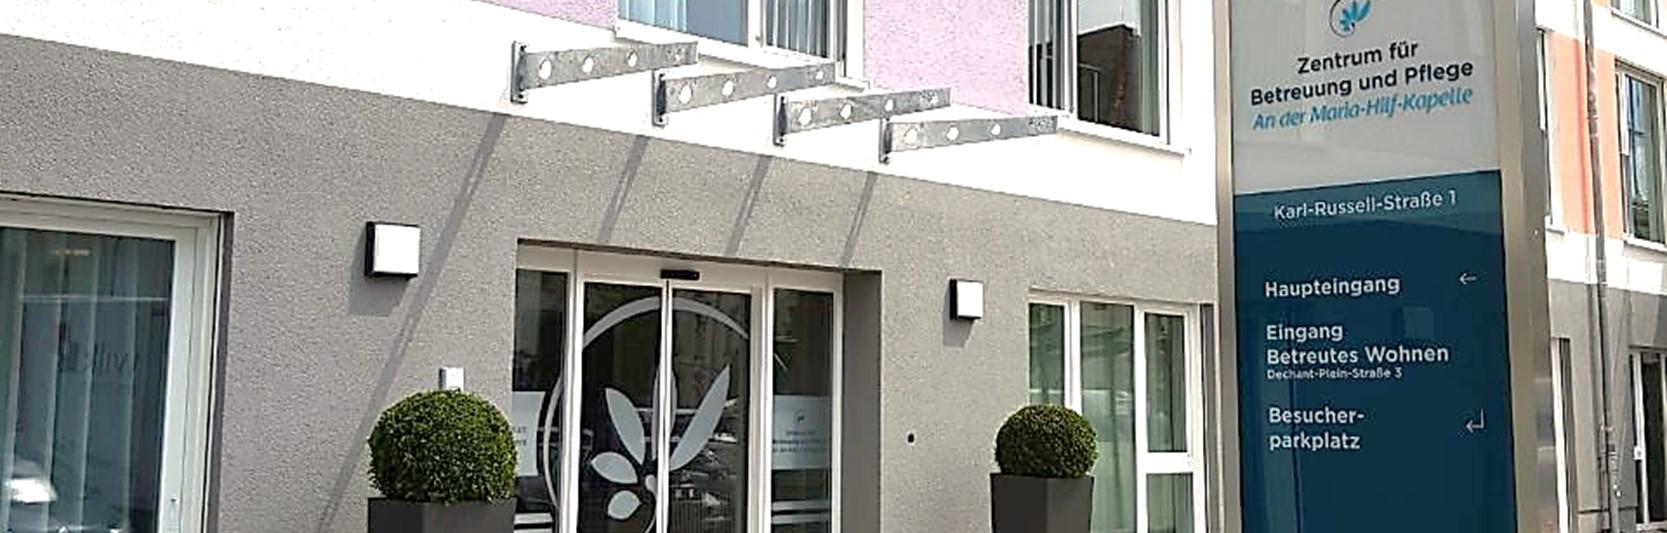 Neues Seniorenheim in Koblenz nimmt Betrieb auf